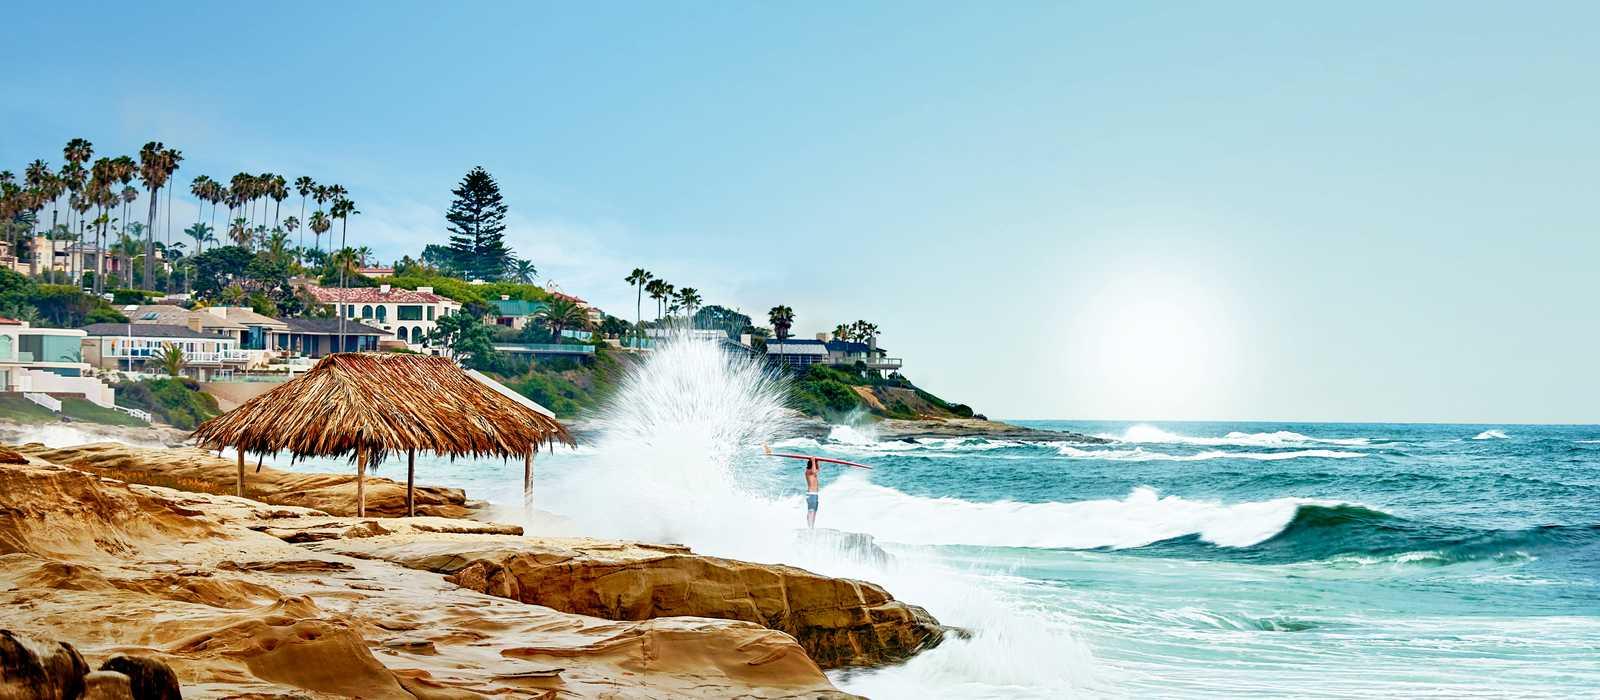 Wellen an einem Strand von San Diego